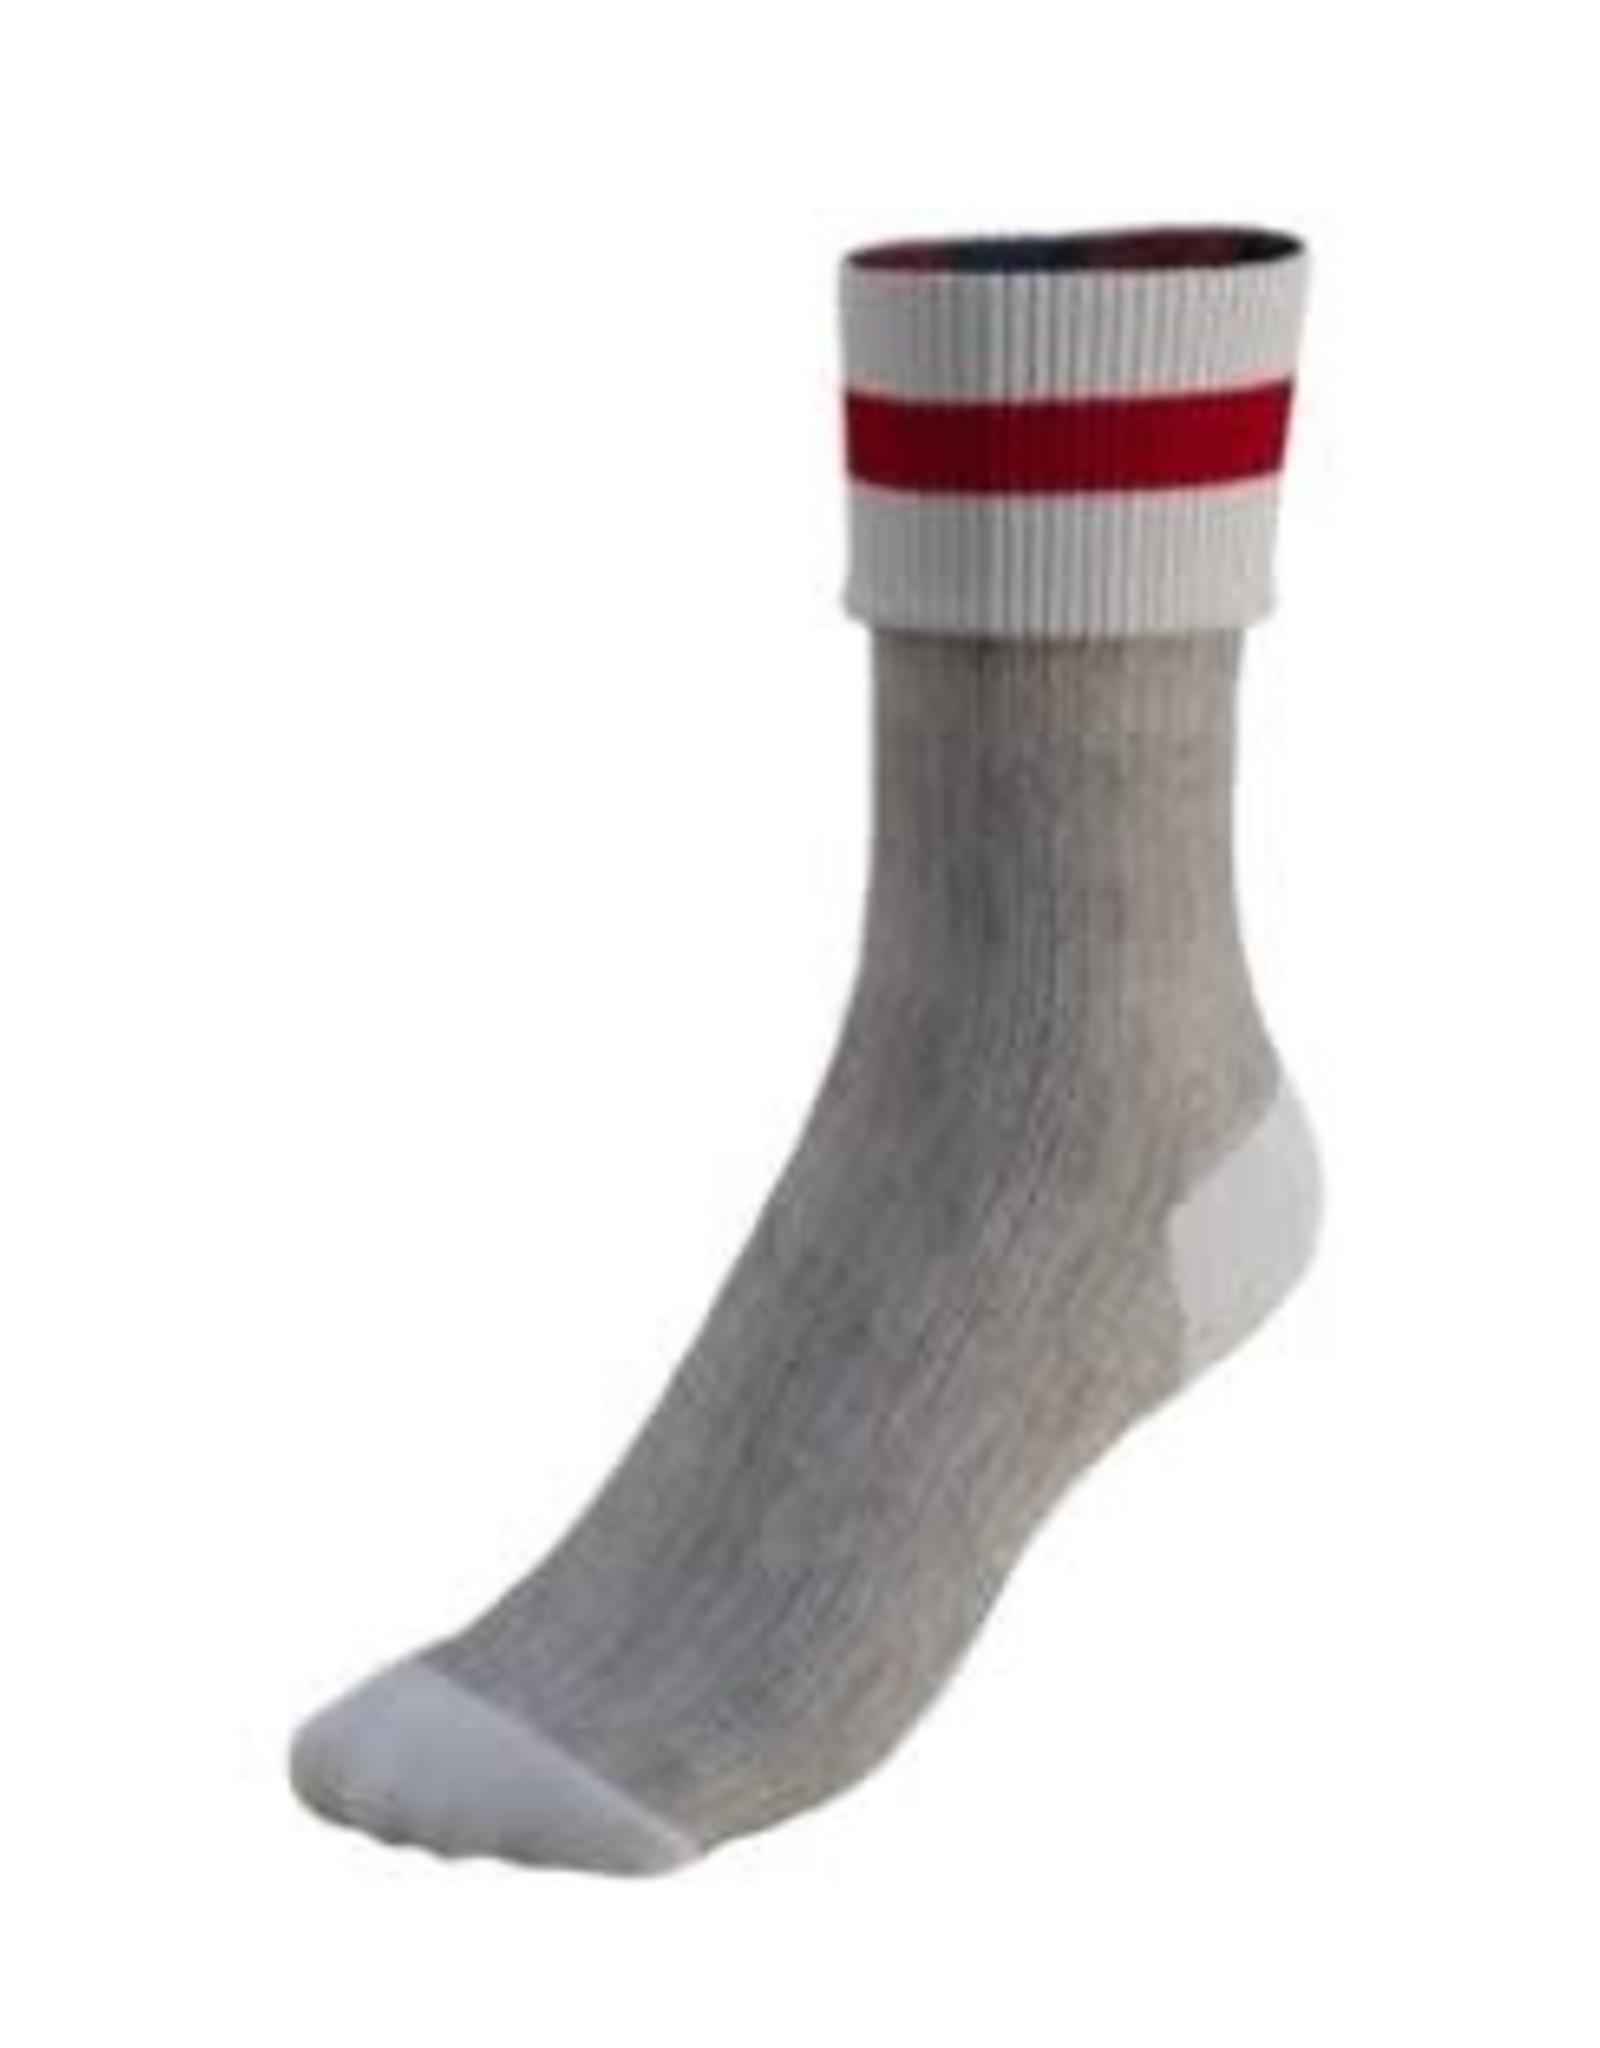 Pook Bas - Pook Super Sock